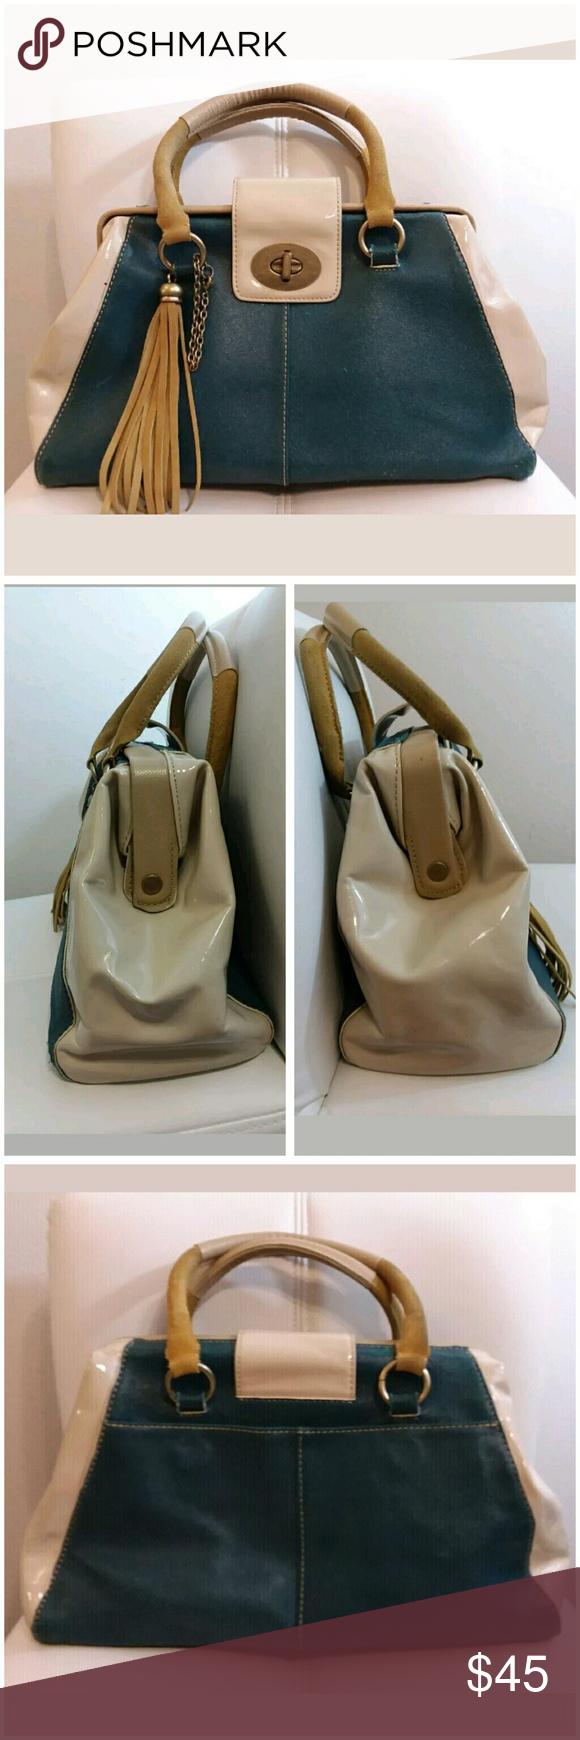 Crown Vintage Handbag Teal Ivory Yellow Shoulder Bag Suede Patent